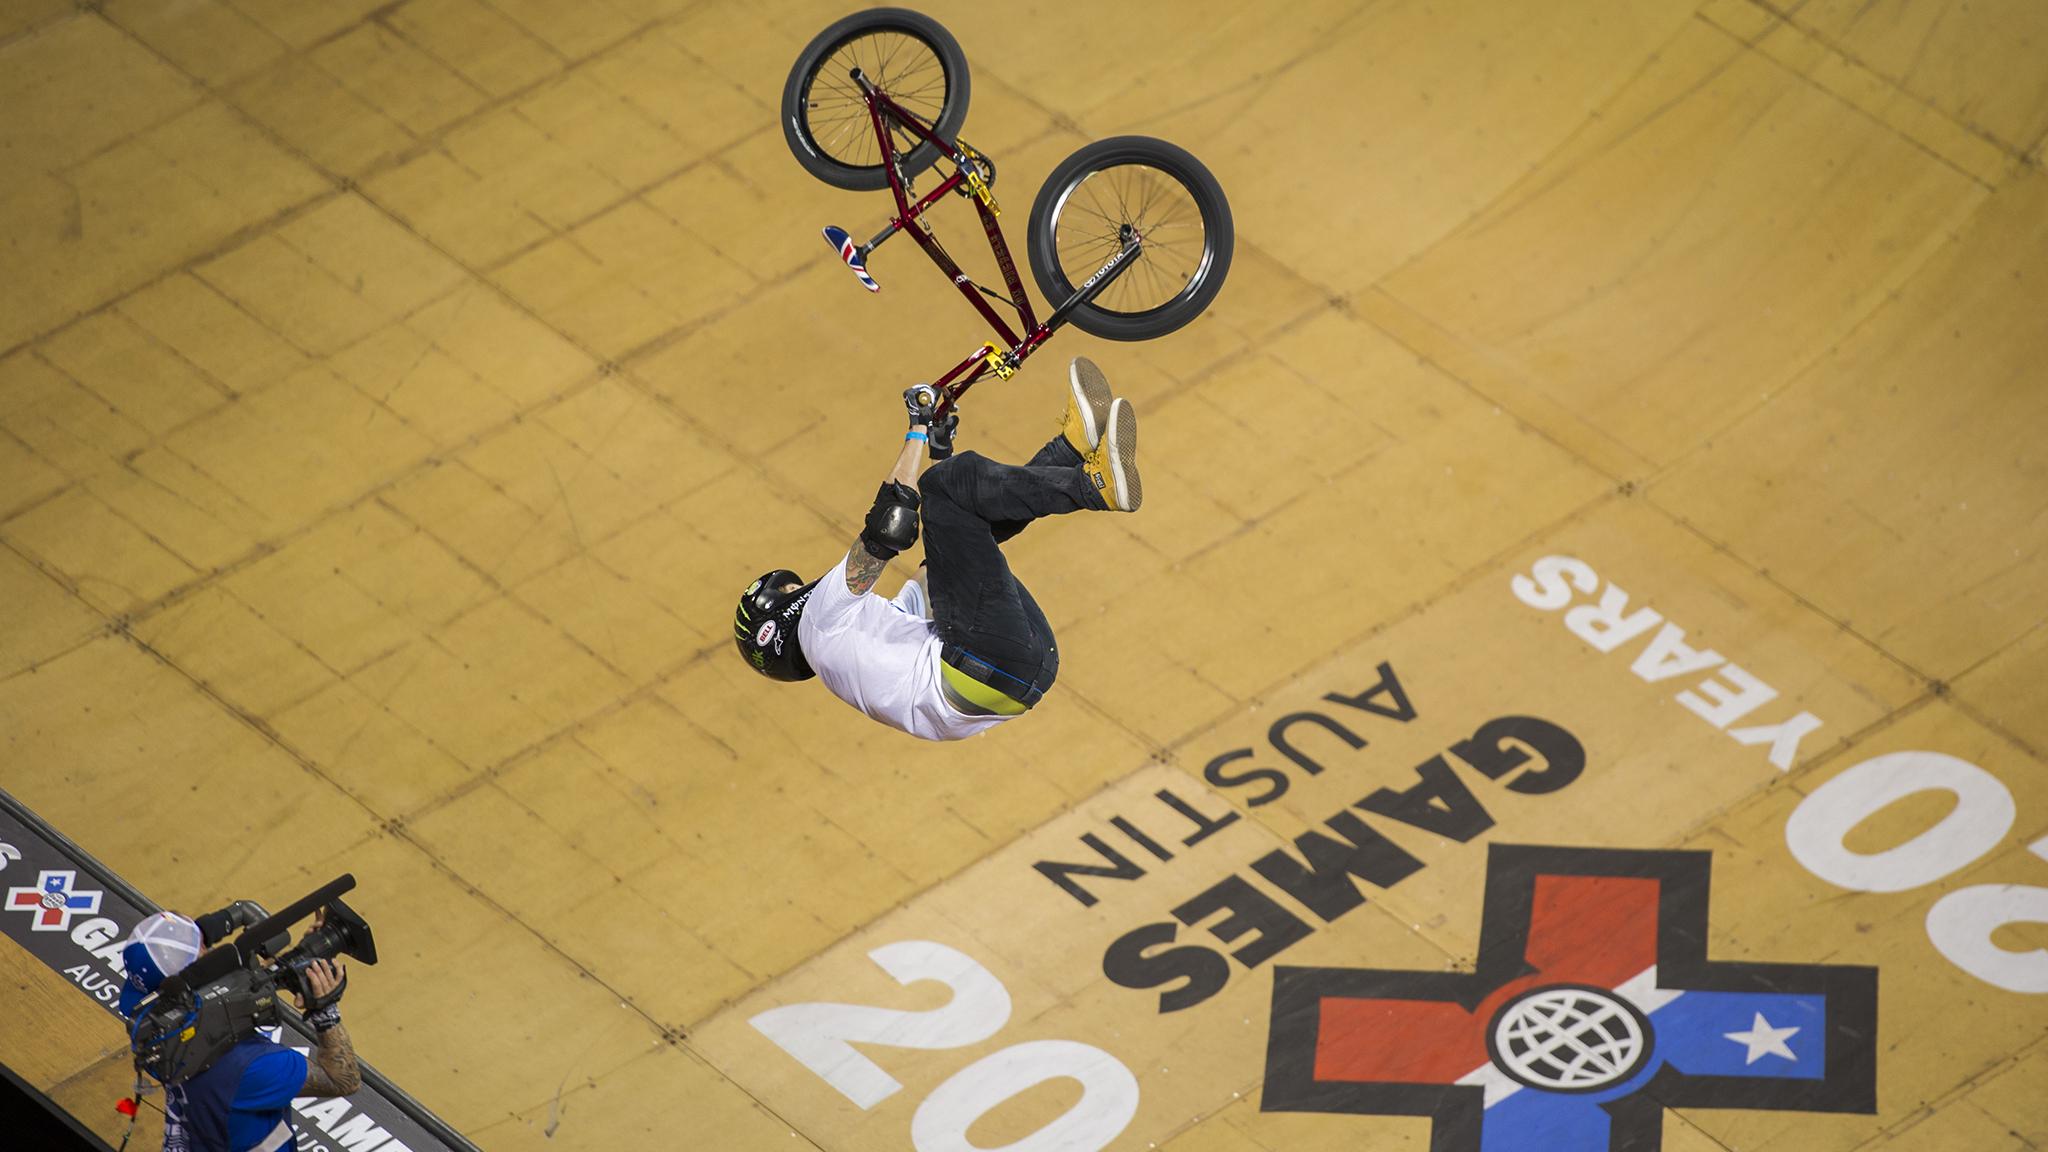 BMX Vert -- Jamie Bestwick